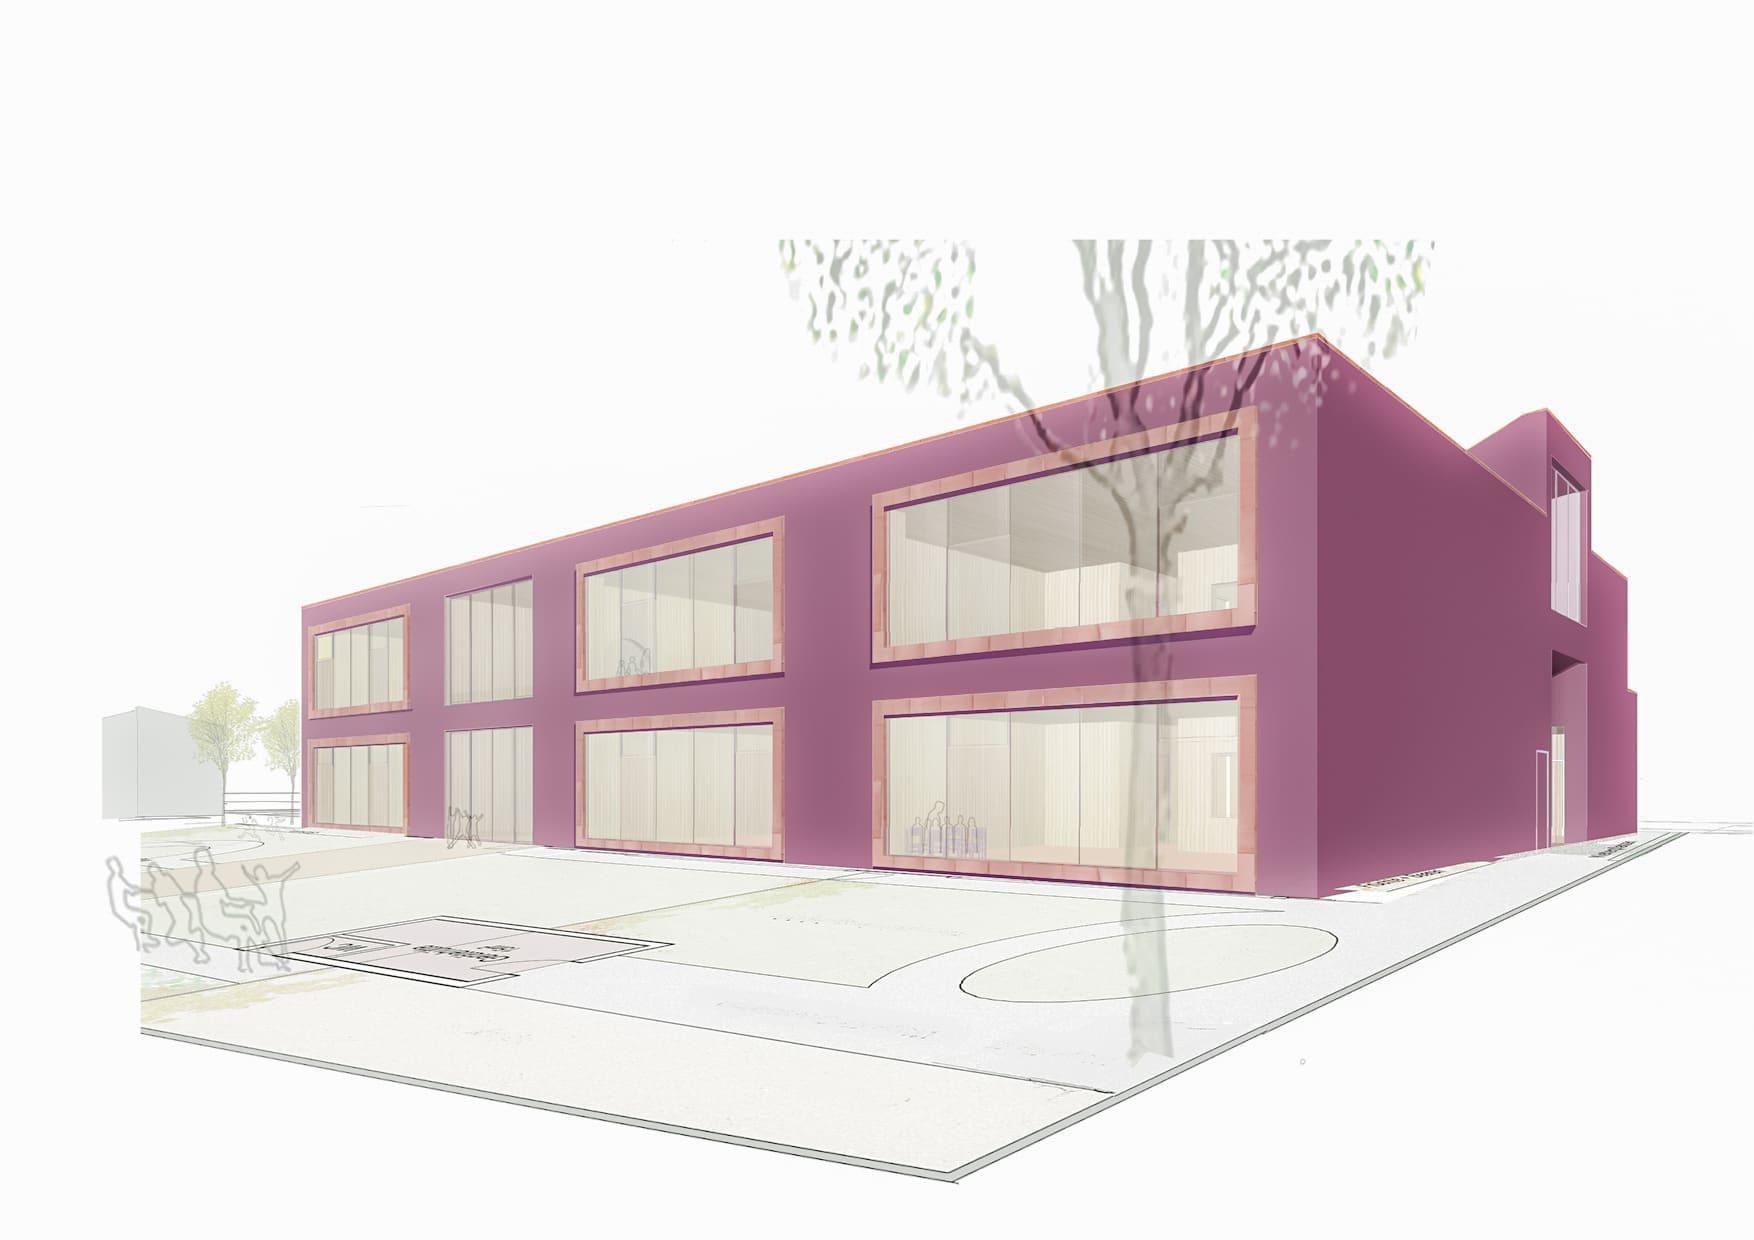 Kindergarten in Wien, krabbelstube, architekturwettbewerb, farben, holz